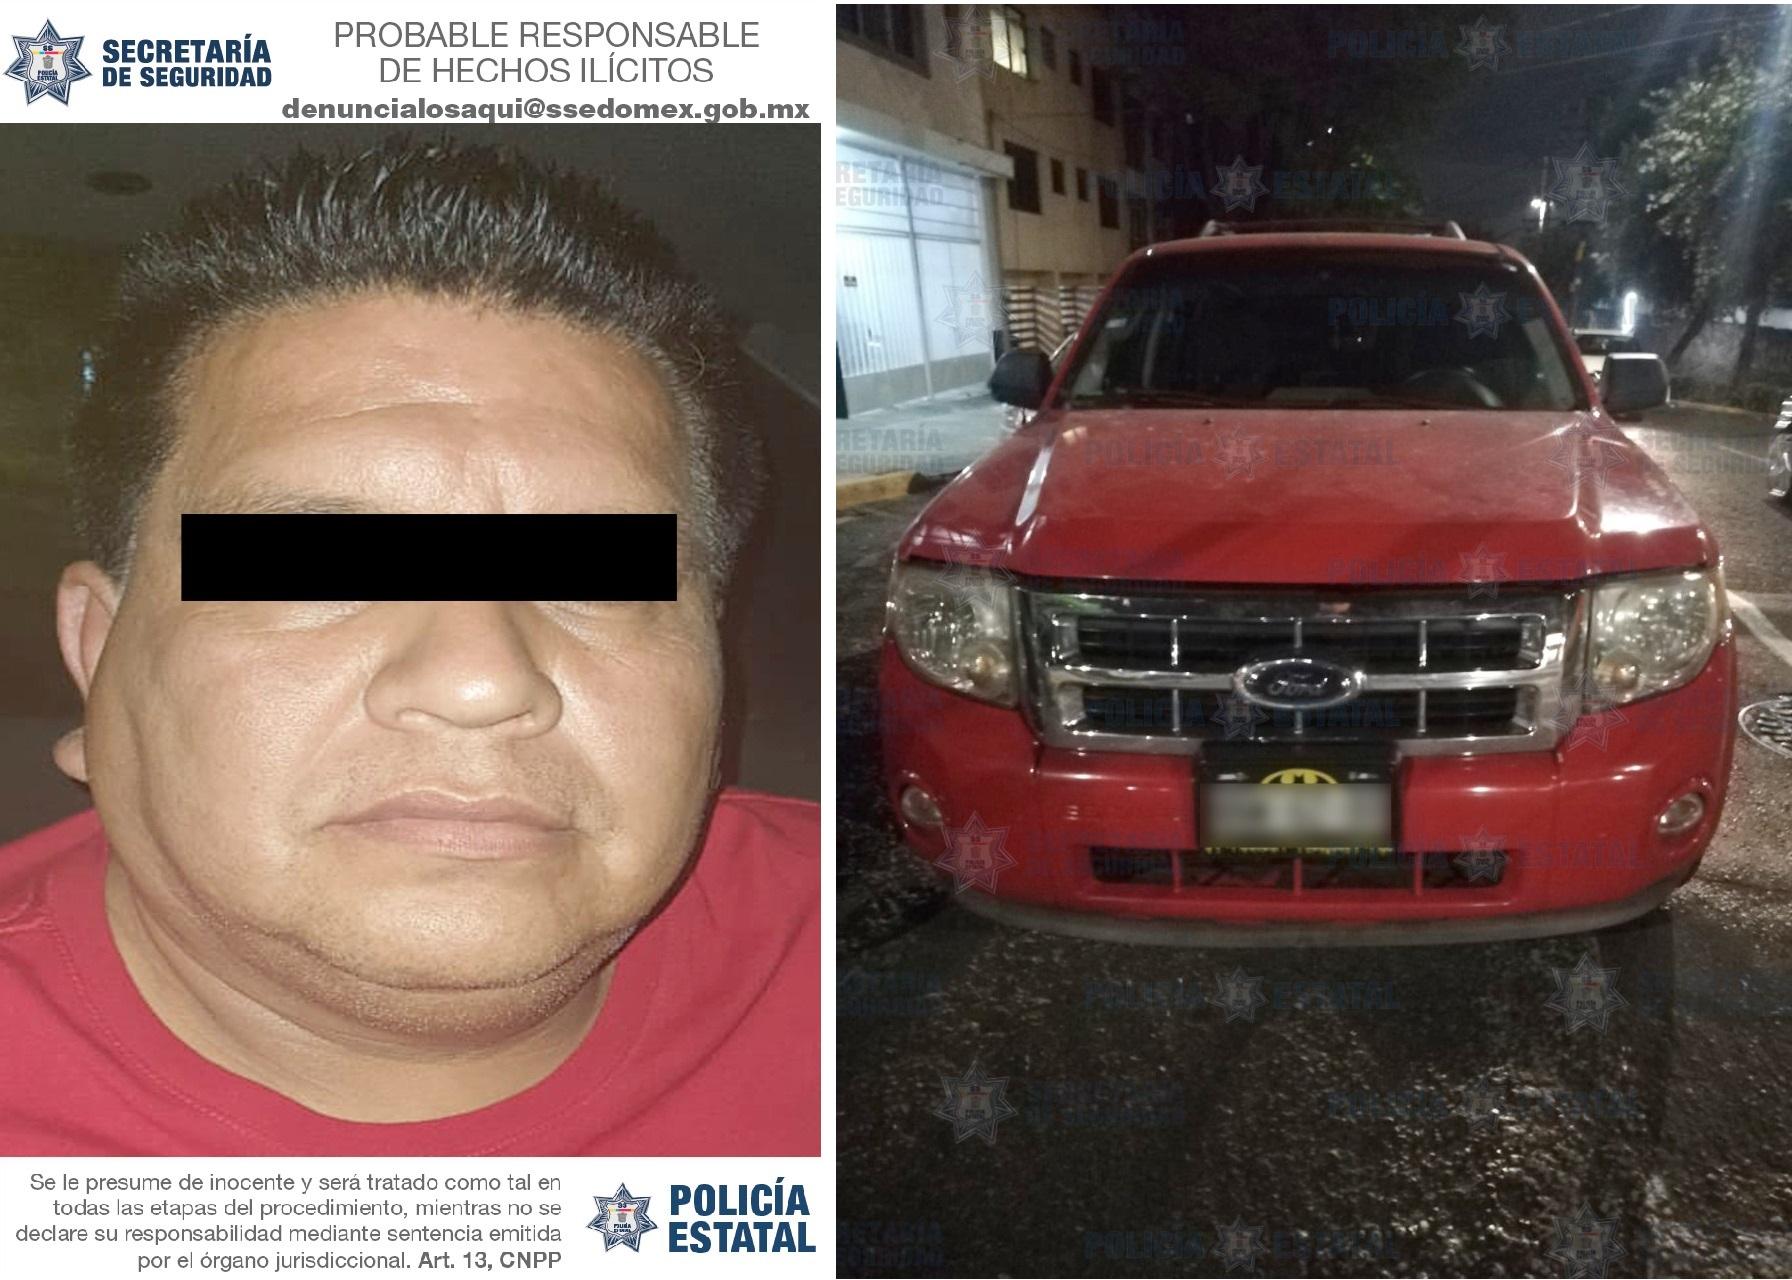 ASEGURAN UN VEHÍCULO UTILIZADO PARA COMETER ACTOS DE VANDALISMO DURANTE LA JORNADA ELECTORAL